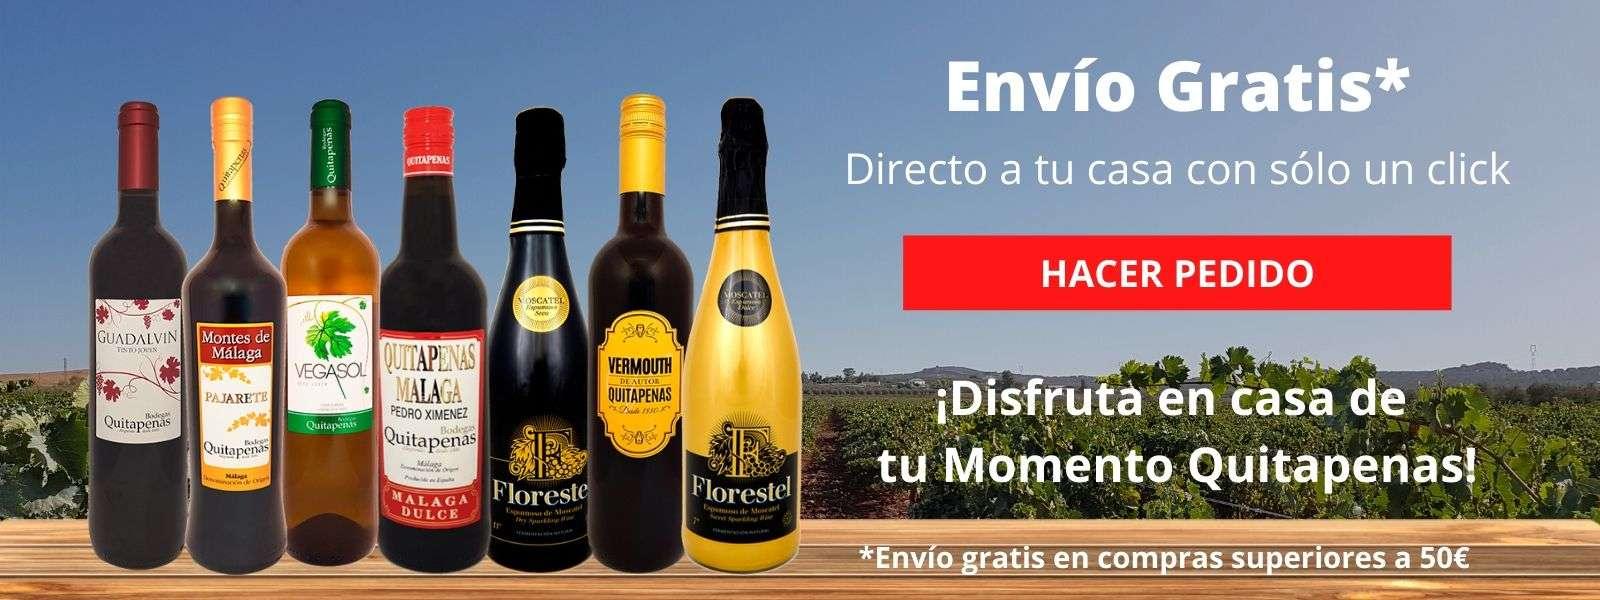 Envío gratis vinos Quitapenas